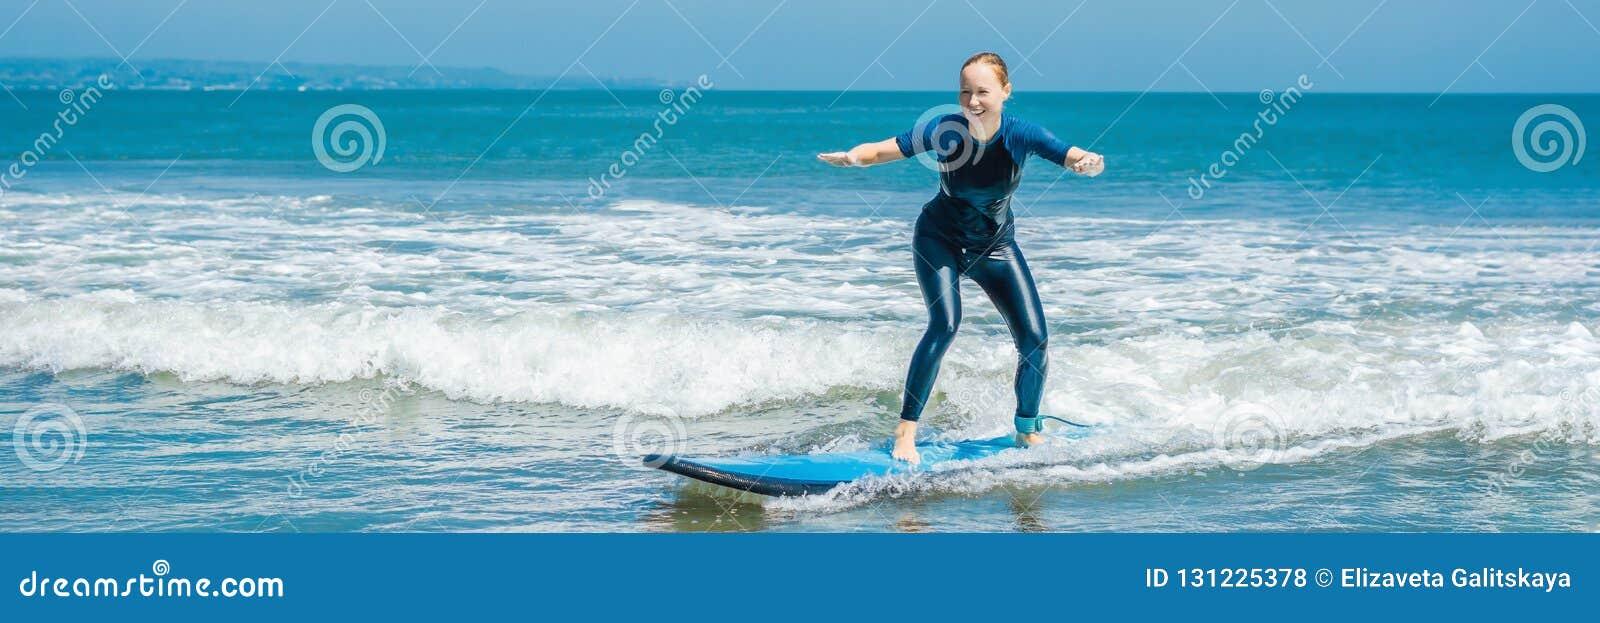 Ο χαρούμενος νέος αρχάριος γυναικών surfer με την μπλε κυματωγή έχει τη διασκέδαση στα μικρά κύματα θάλασσας Ενεργός οικογενειακό